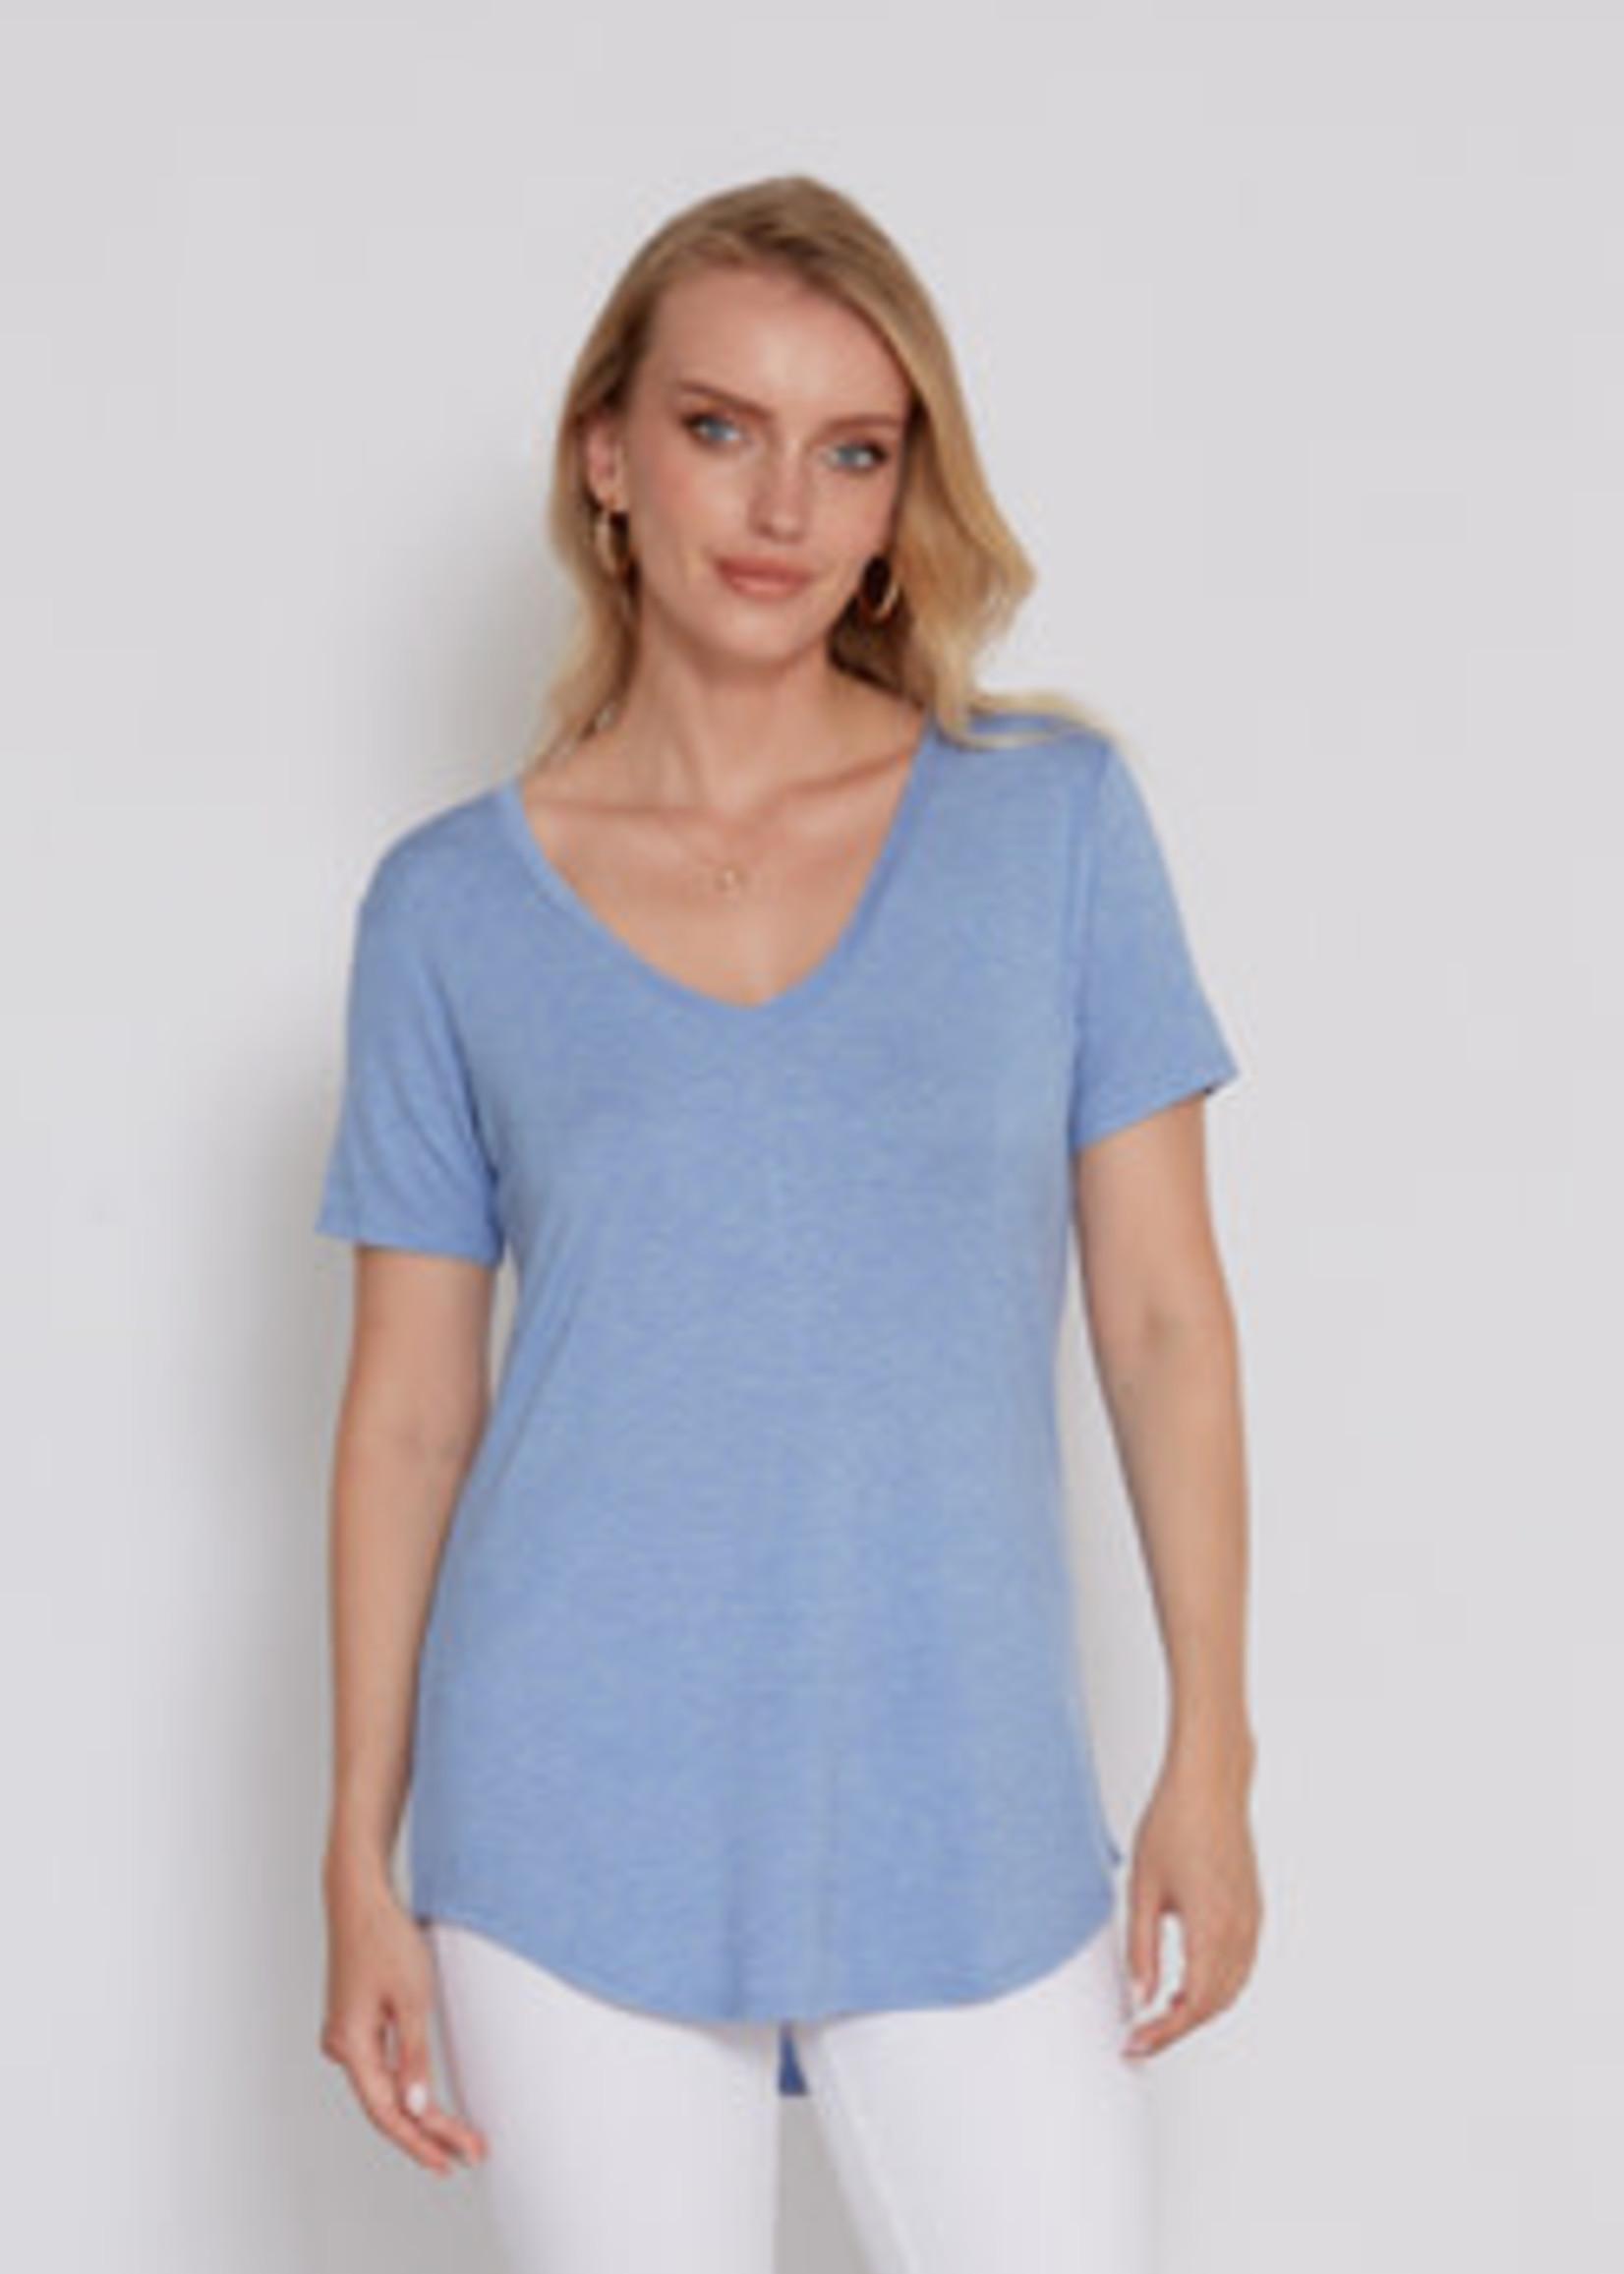 Another Love AL - Megan T-Shirt (7 colors)